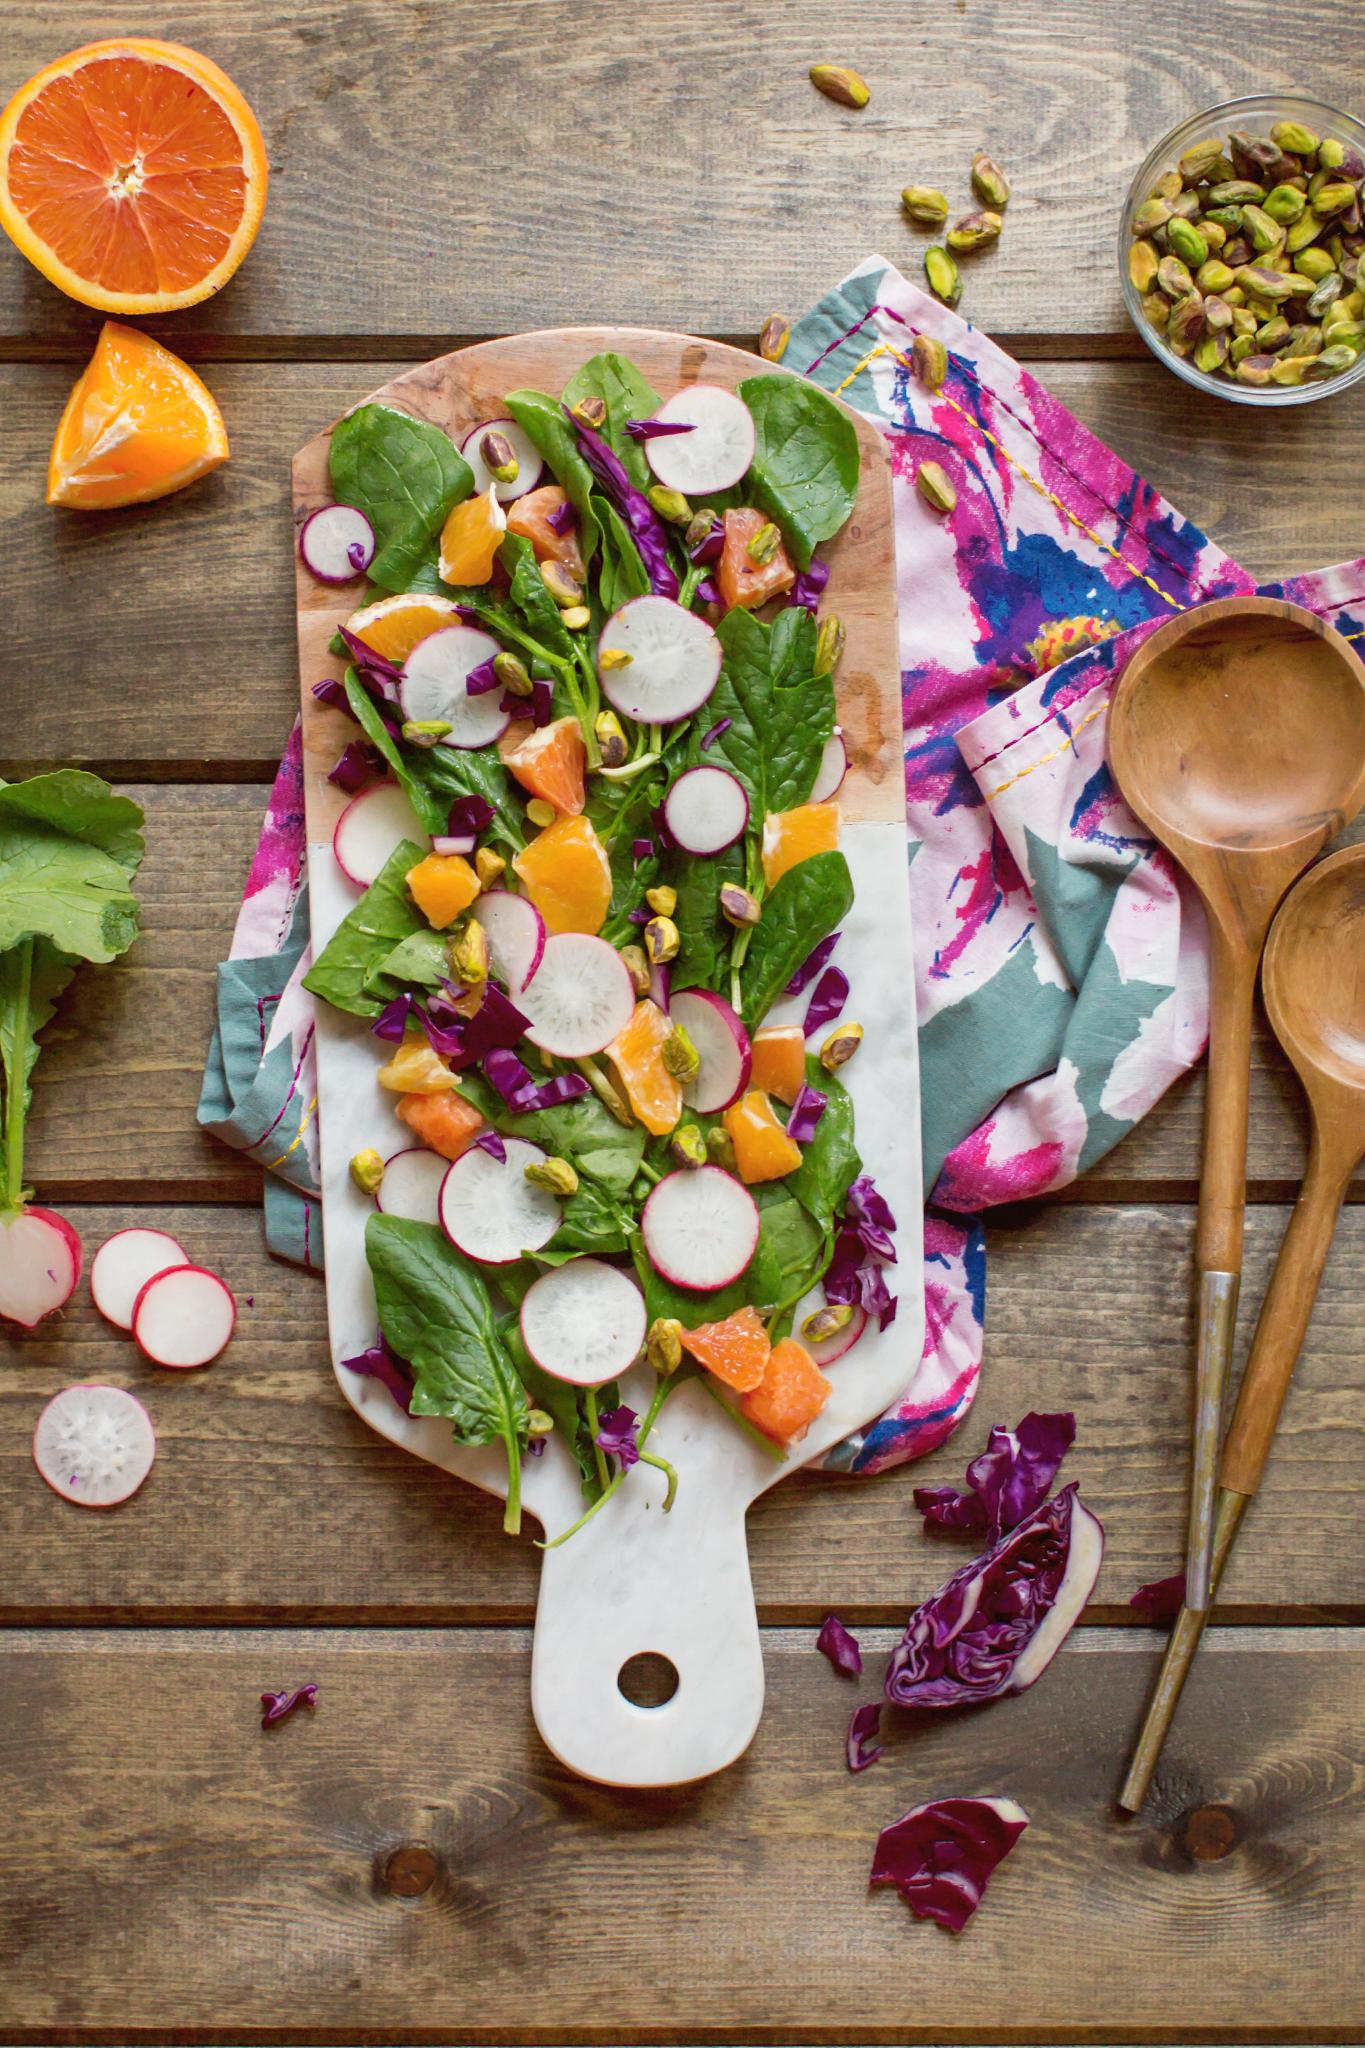 radish-orange-salad-4337.jpg